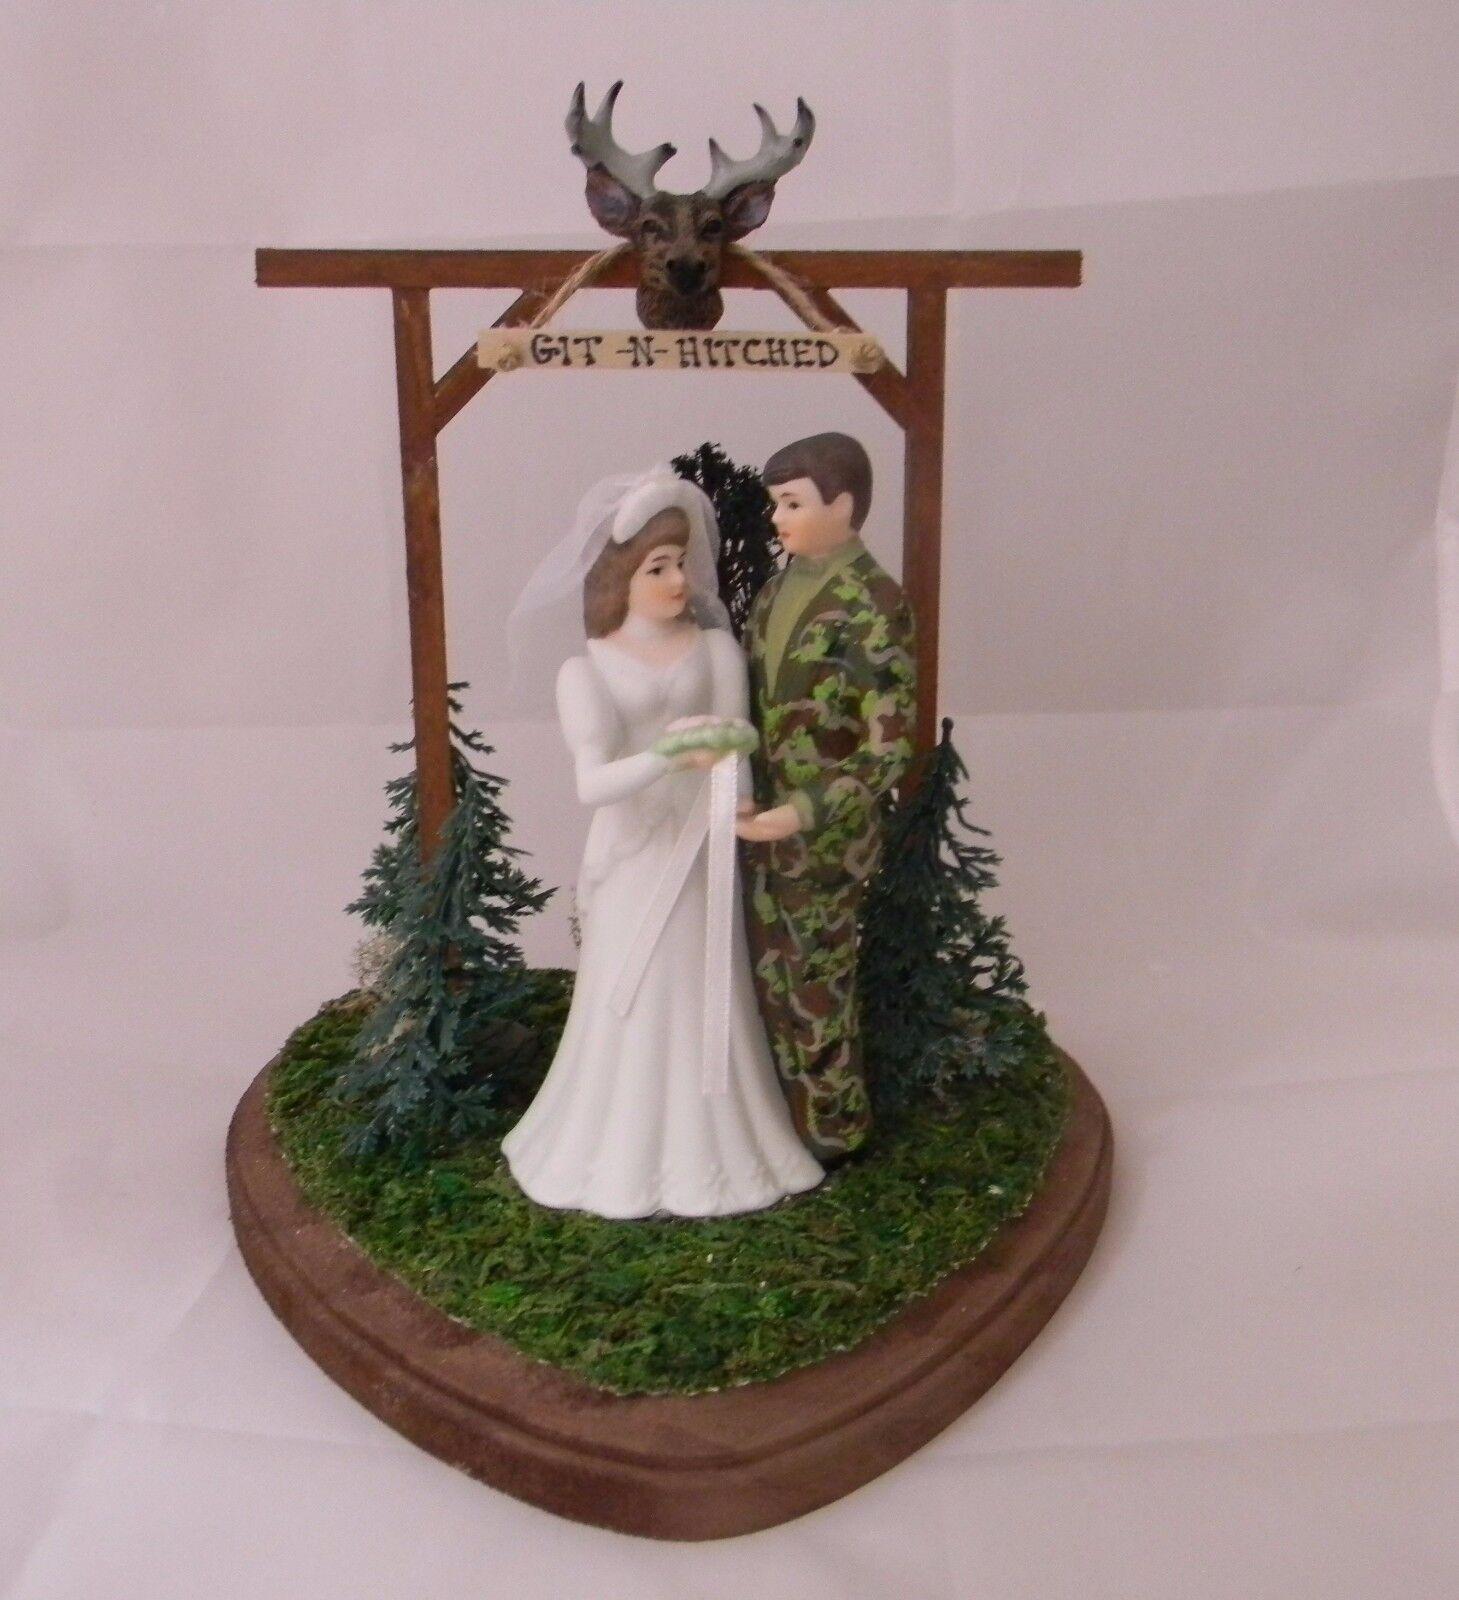 Mariage Fête Réception Git N se marier Camo DEER HUNTER HUNTING cake topper